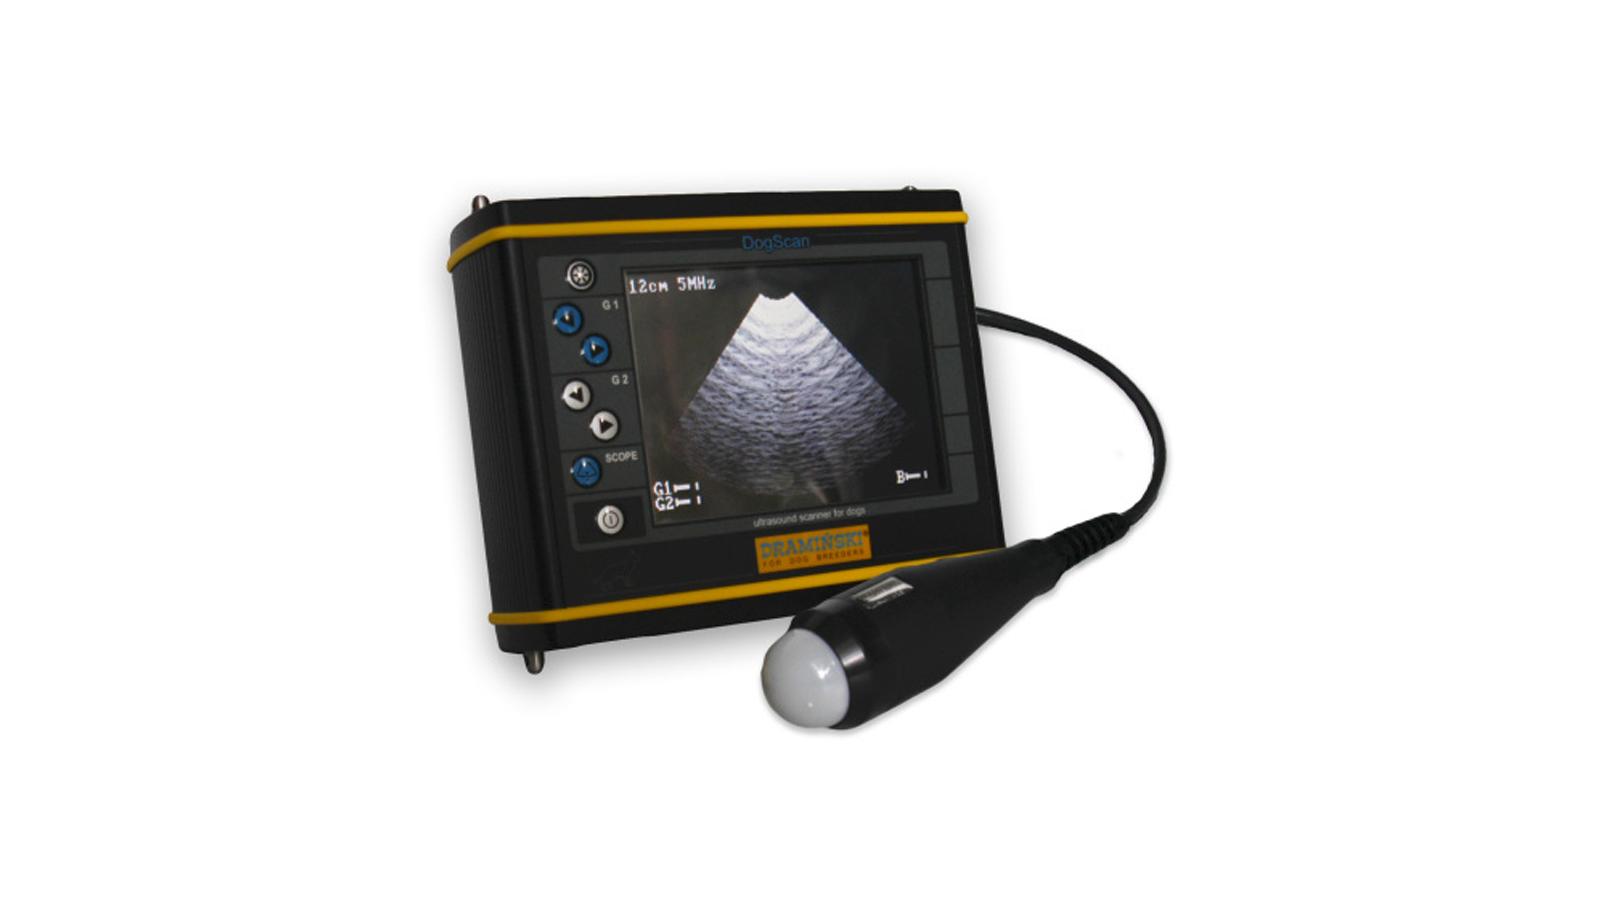 DRAMIŃSKI Ultrason Cihazı - DogScan || Merlab Laboratuvar Ekipmanları